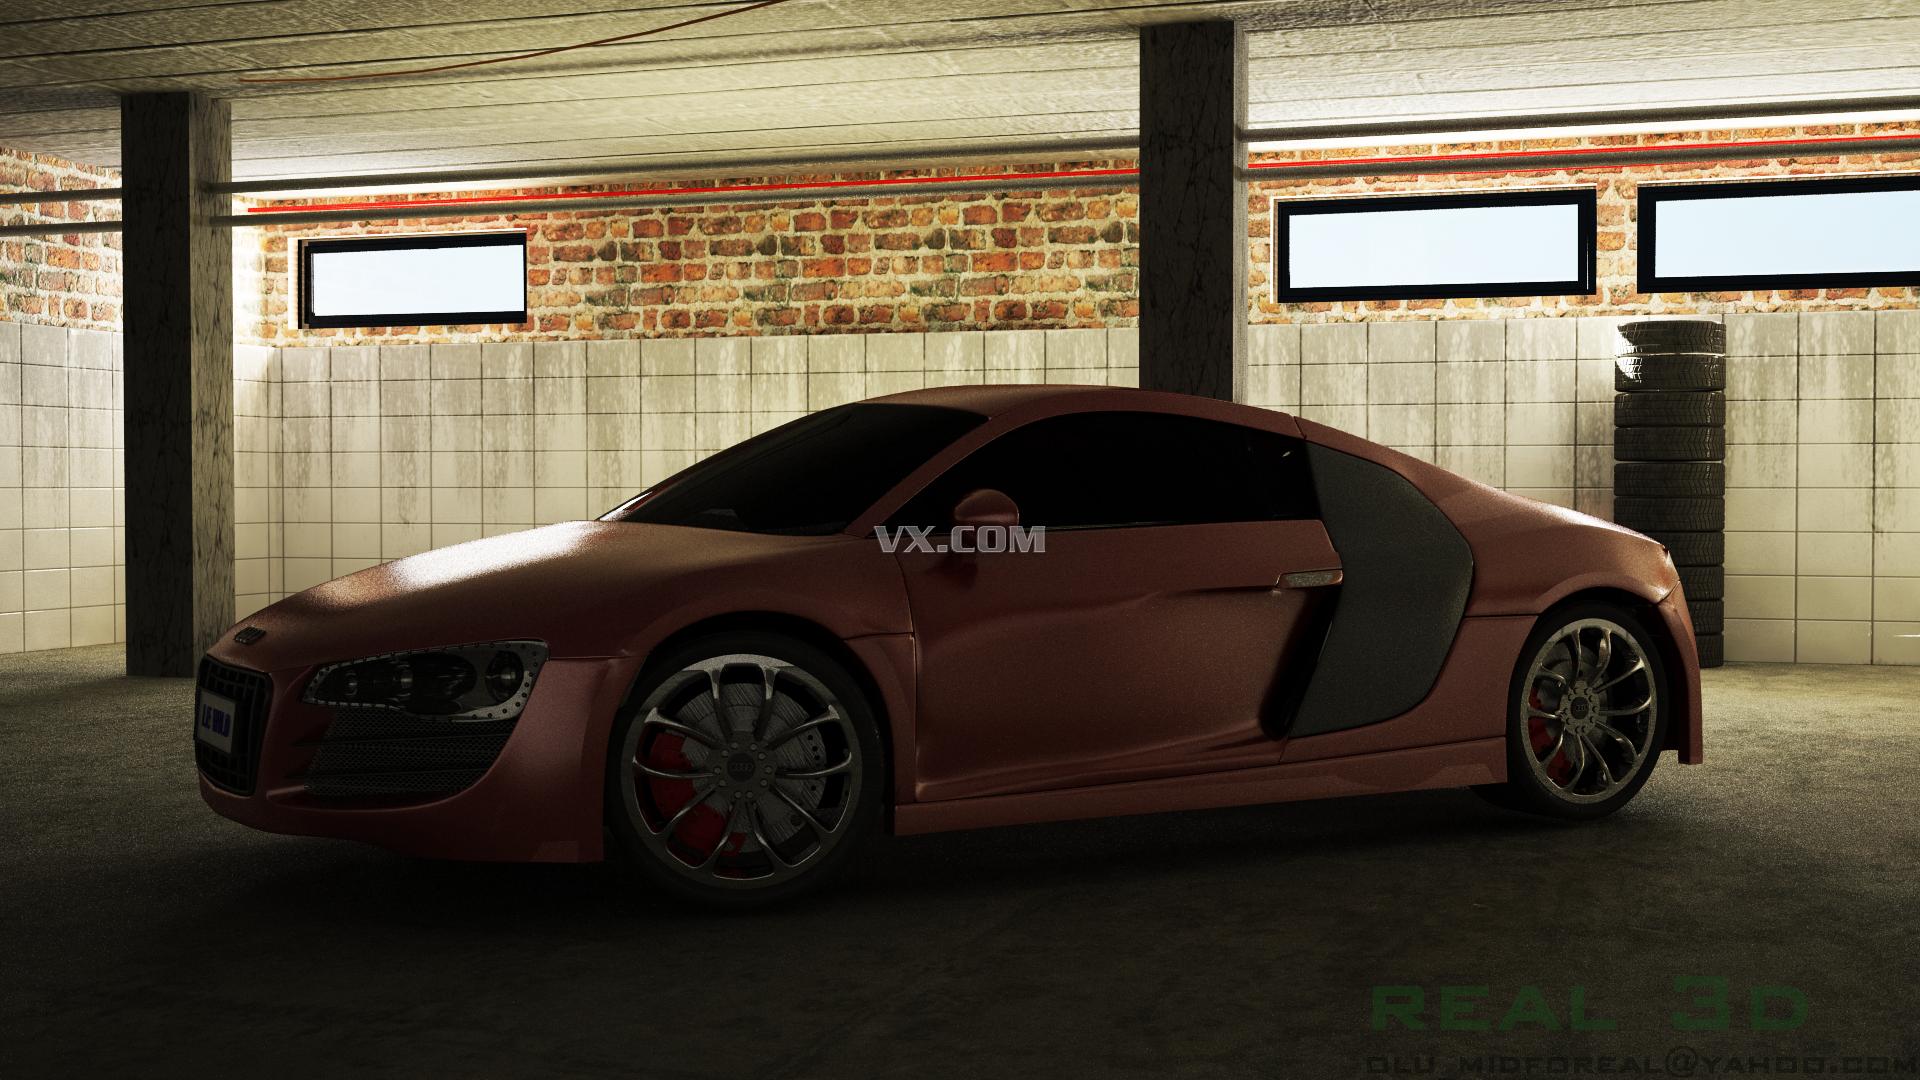 奥迪汽车设计图纸_autocad mechanical_交通工具_3d